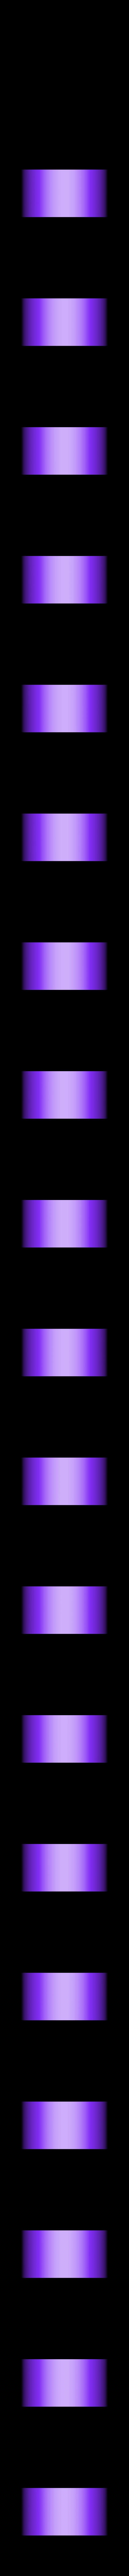 handle2B.STL Télécharger fichier STL gratuit Poignée pour perceuse à main • Plan pour impression 3D, perinski